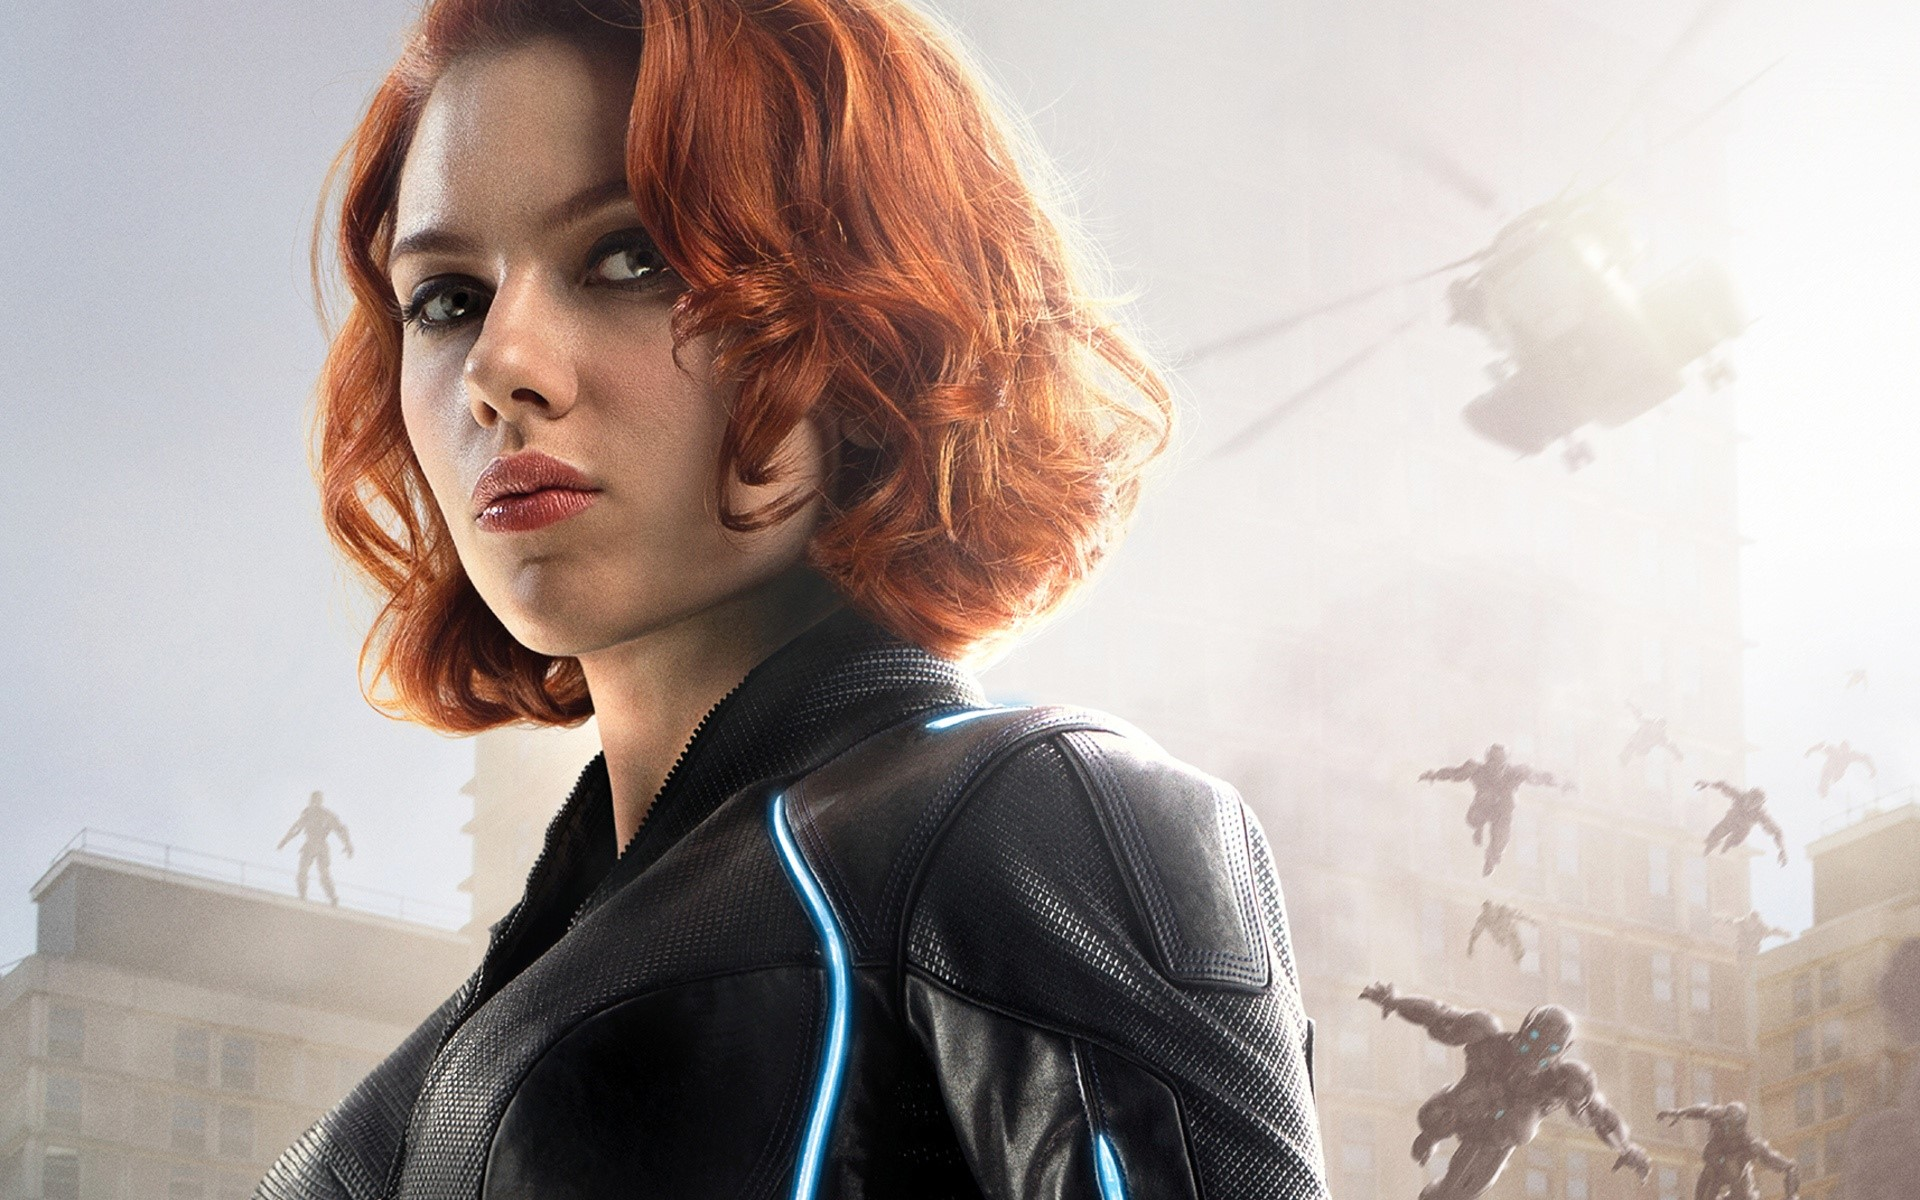 Fondo de pantalla de Black Widow en Los Vengadores Era de Ultron Imágenes